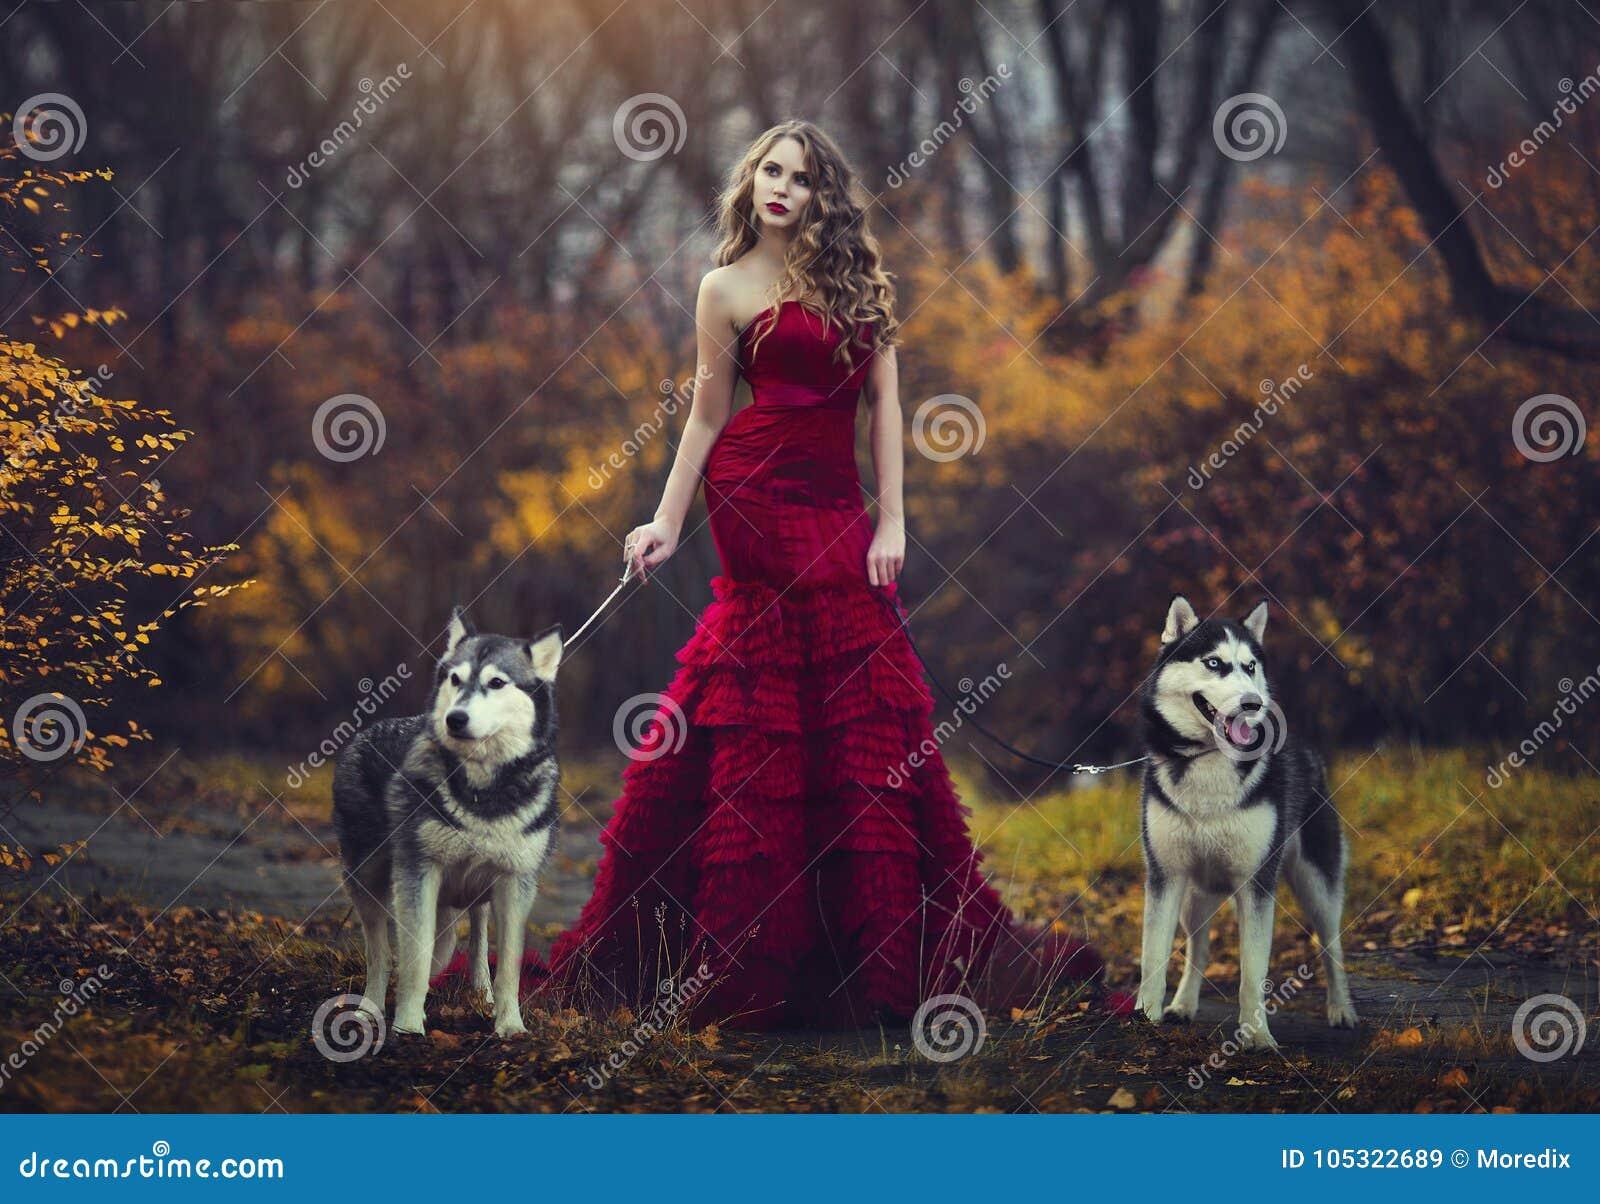 Красивая белокурая девушка в шикарном красном платье, идя с 2 осиплыми собаками в лесе осени